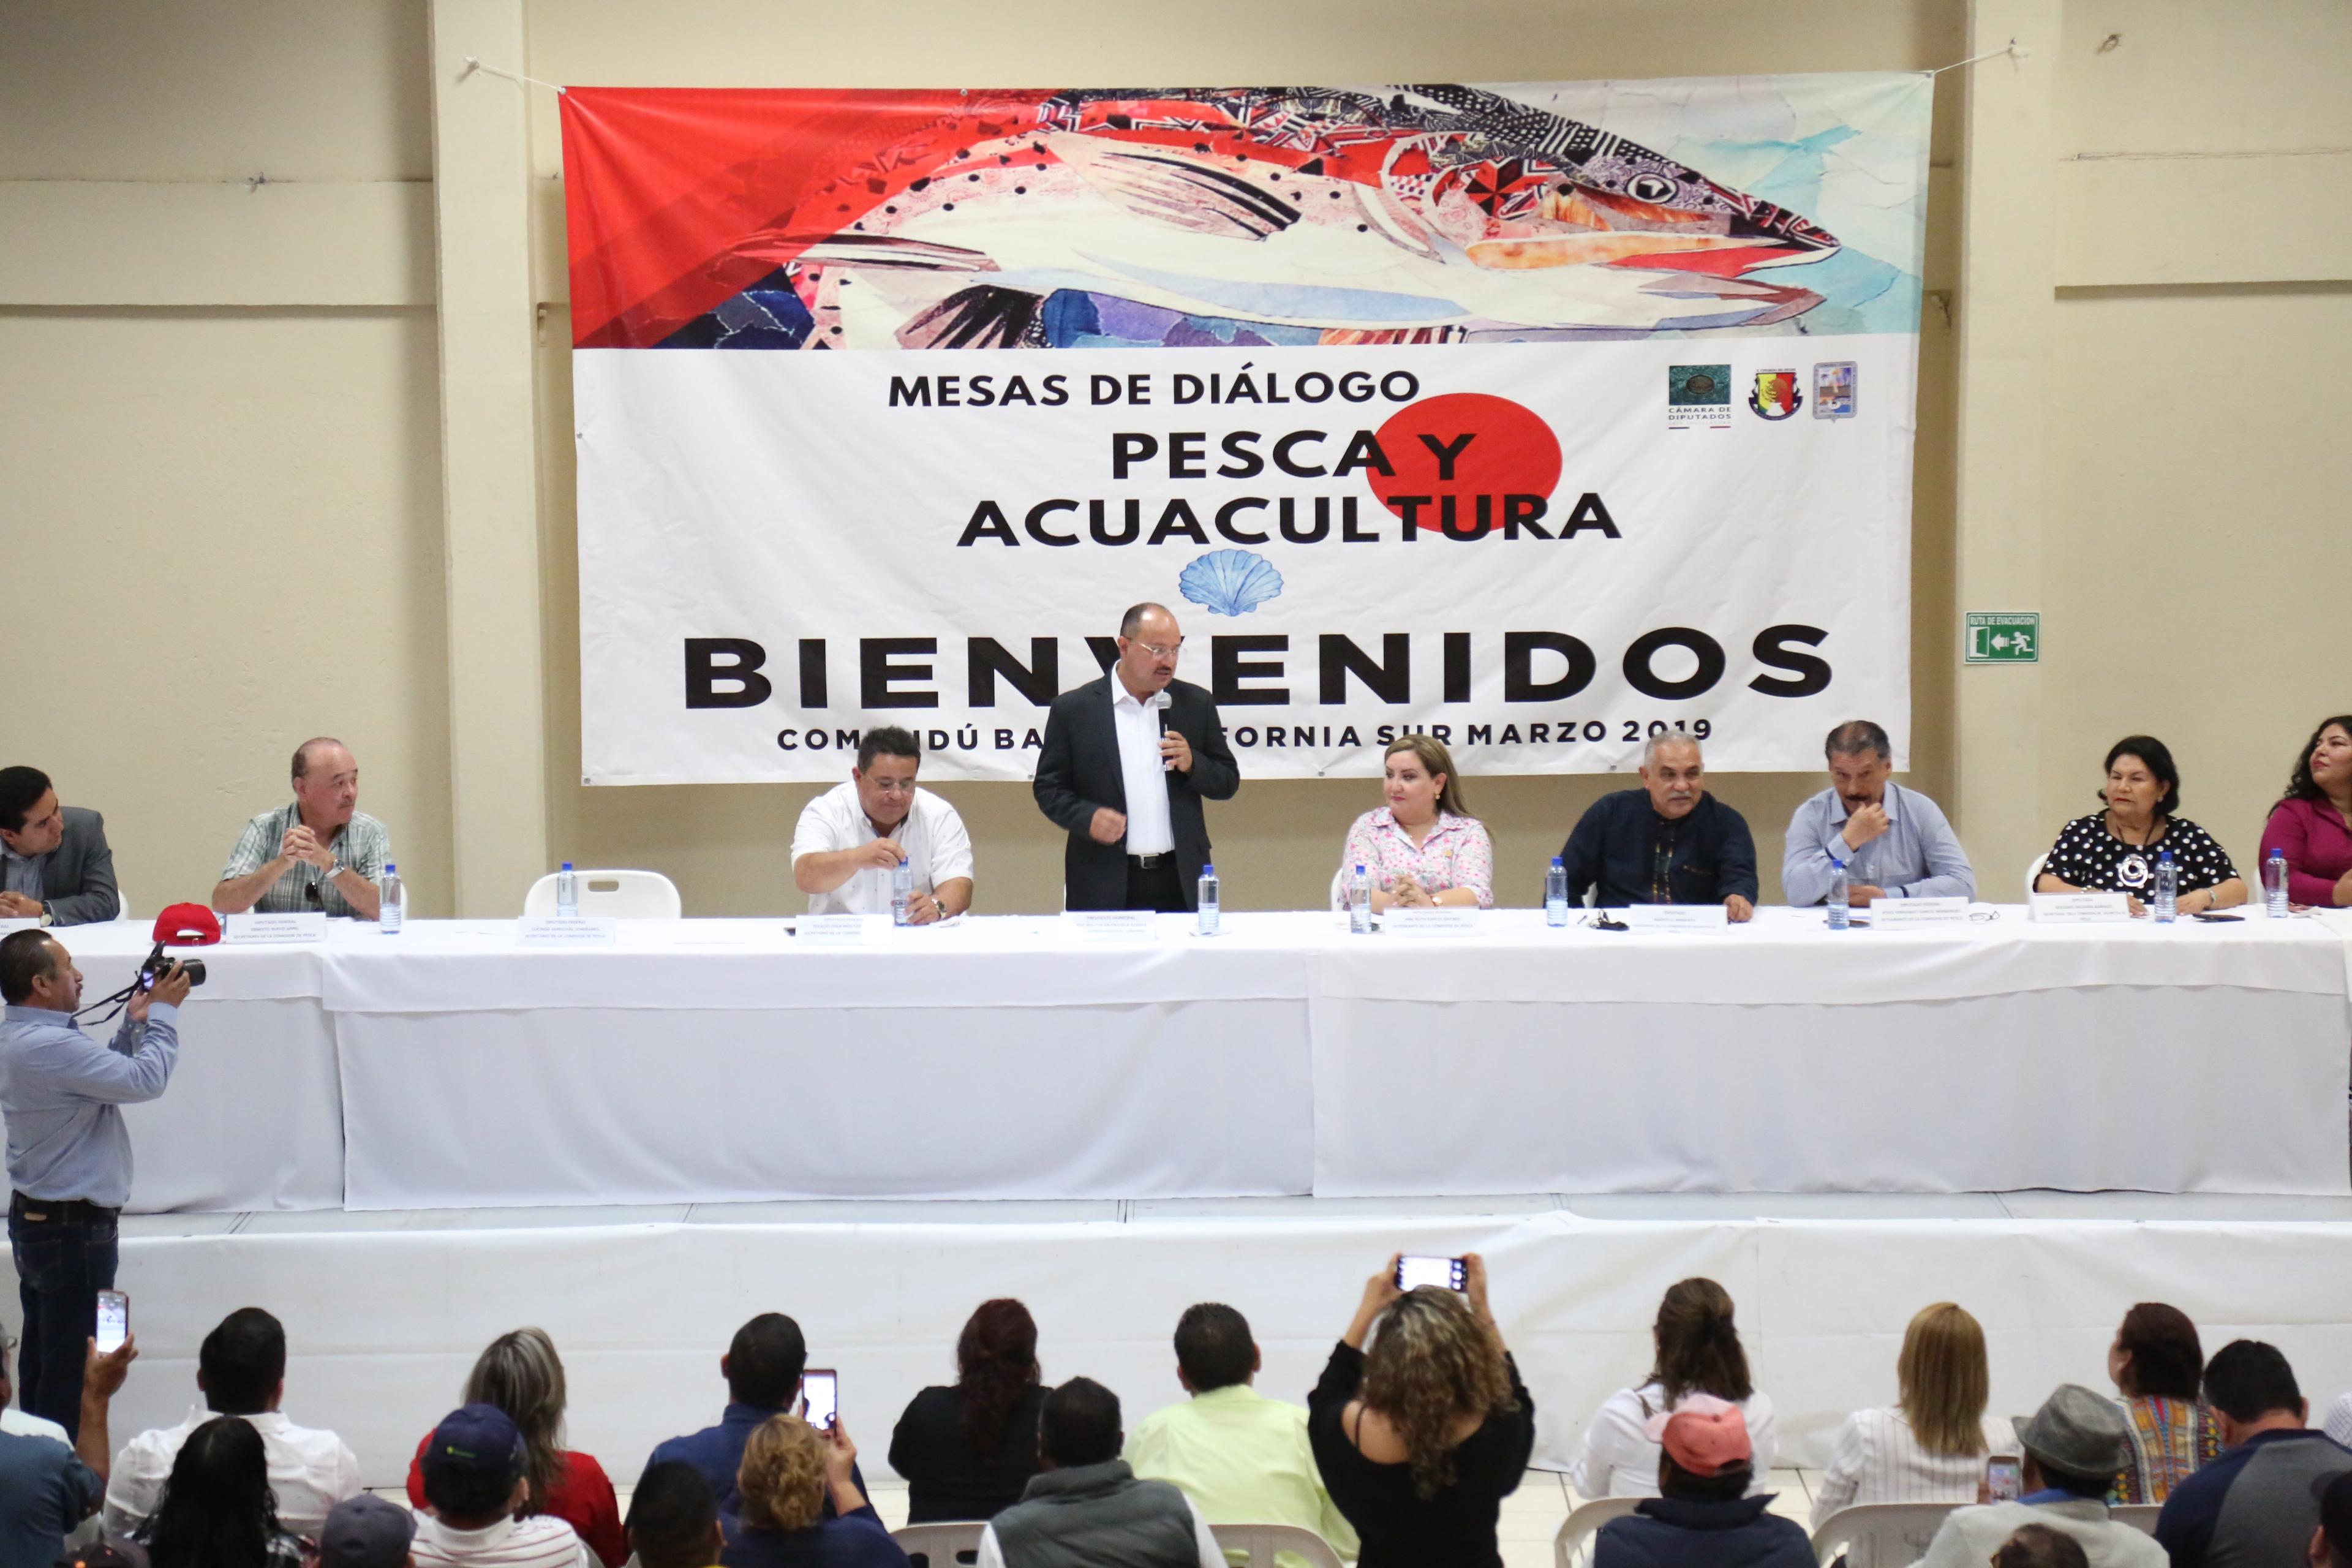 Debemos trabajar unidos por el fortalecimiento del sector Pesquero y acuícola: Walter Valenzuela